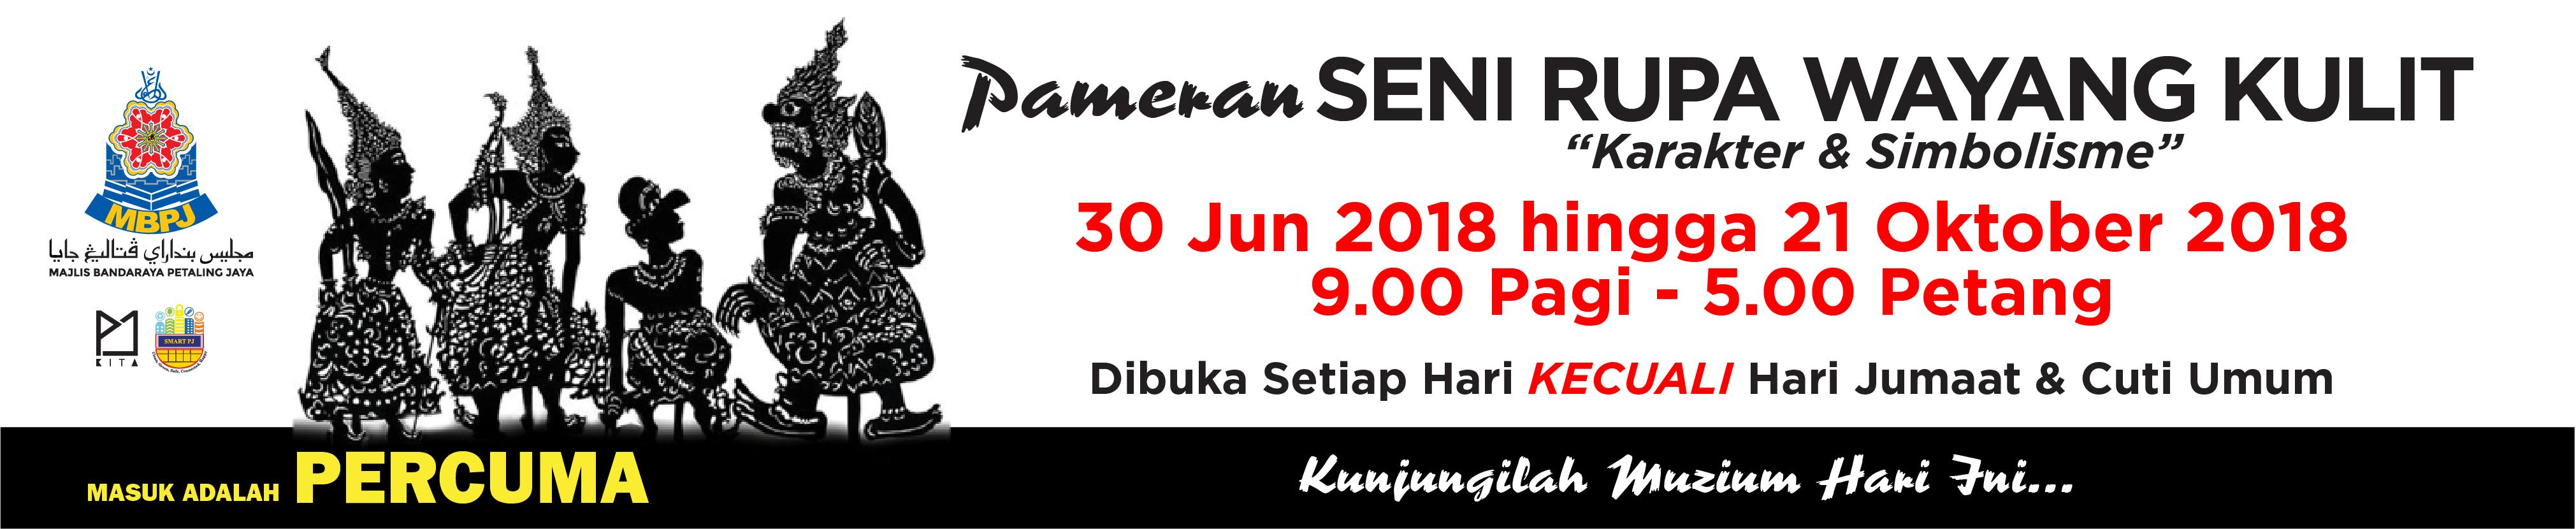 Banner Pameran Wayang Kulit